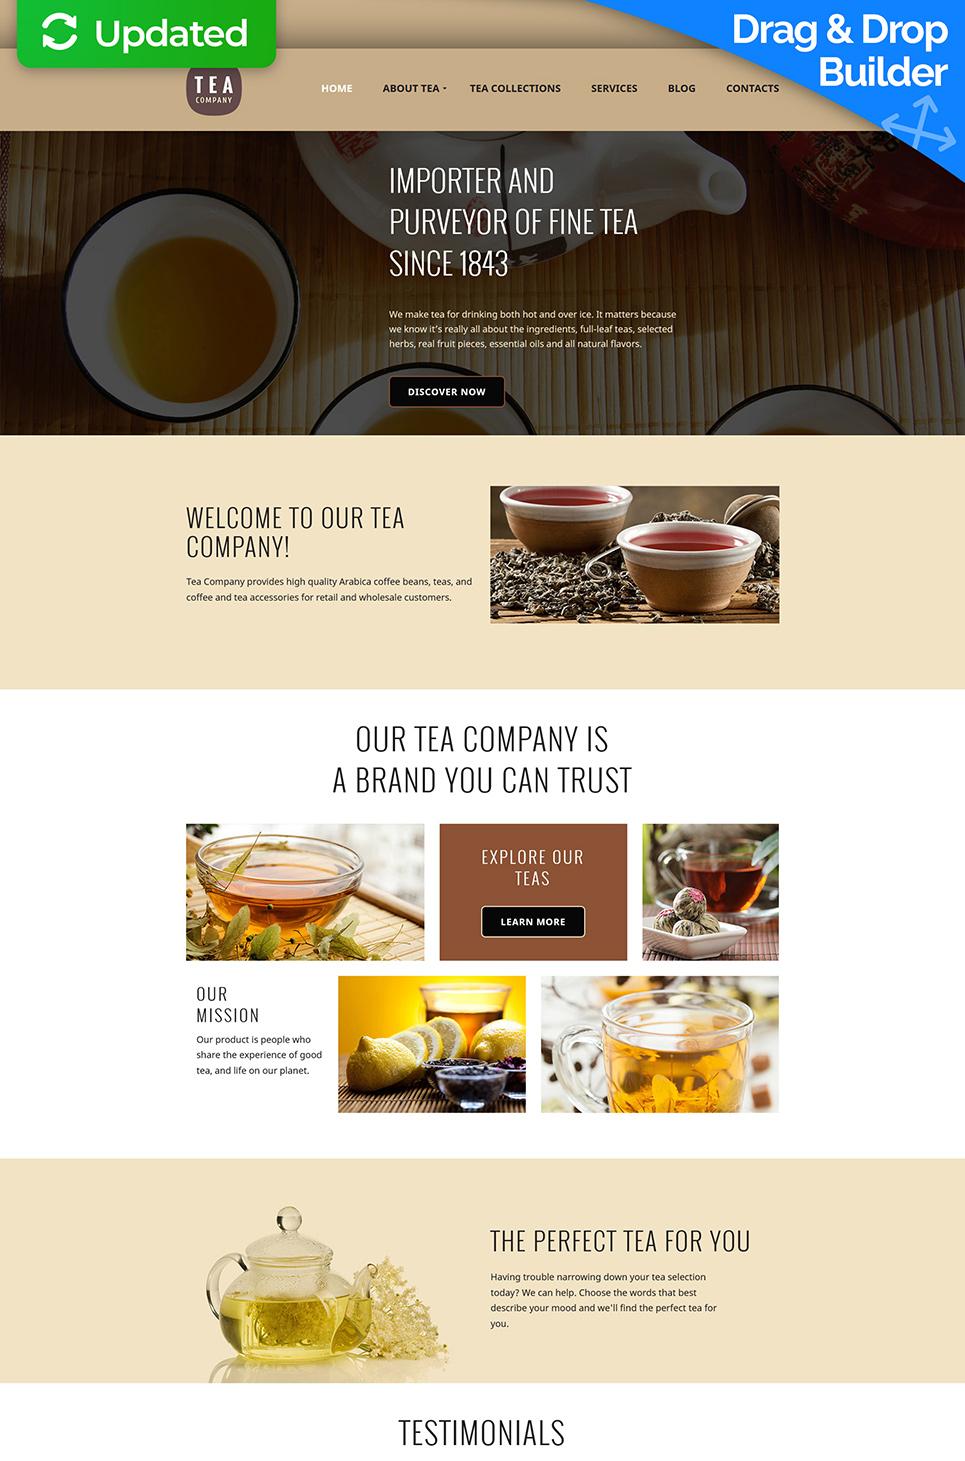 Tea-house website design